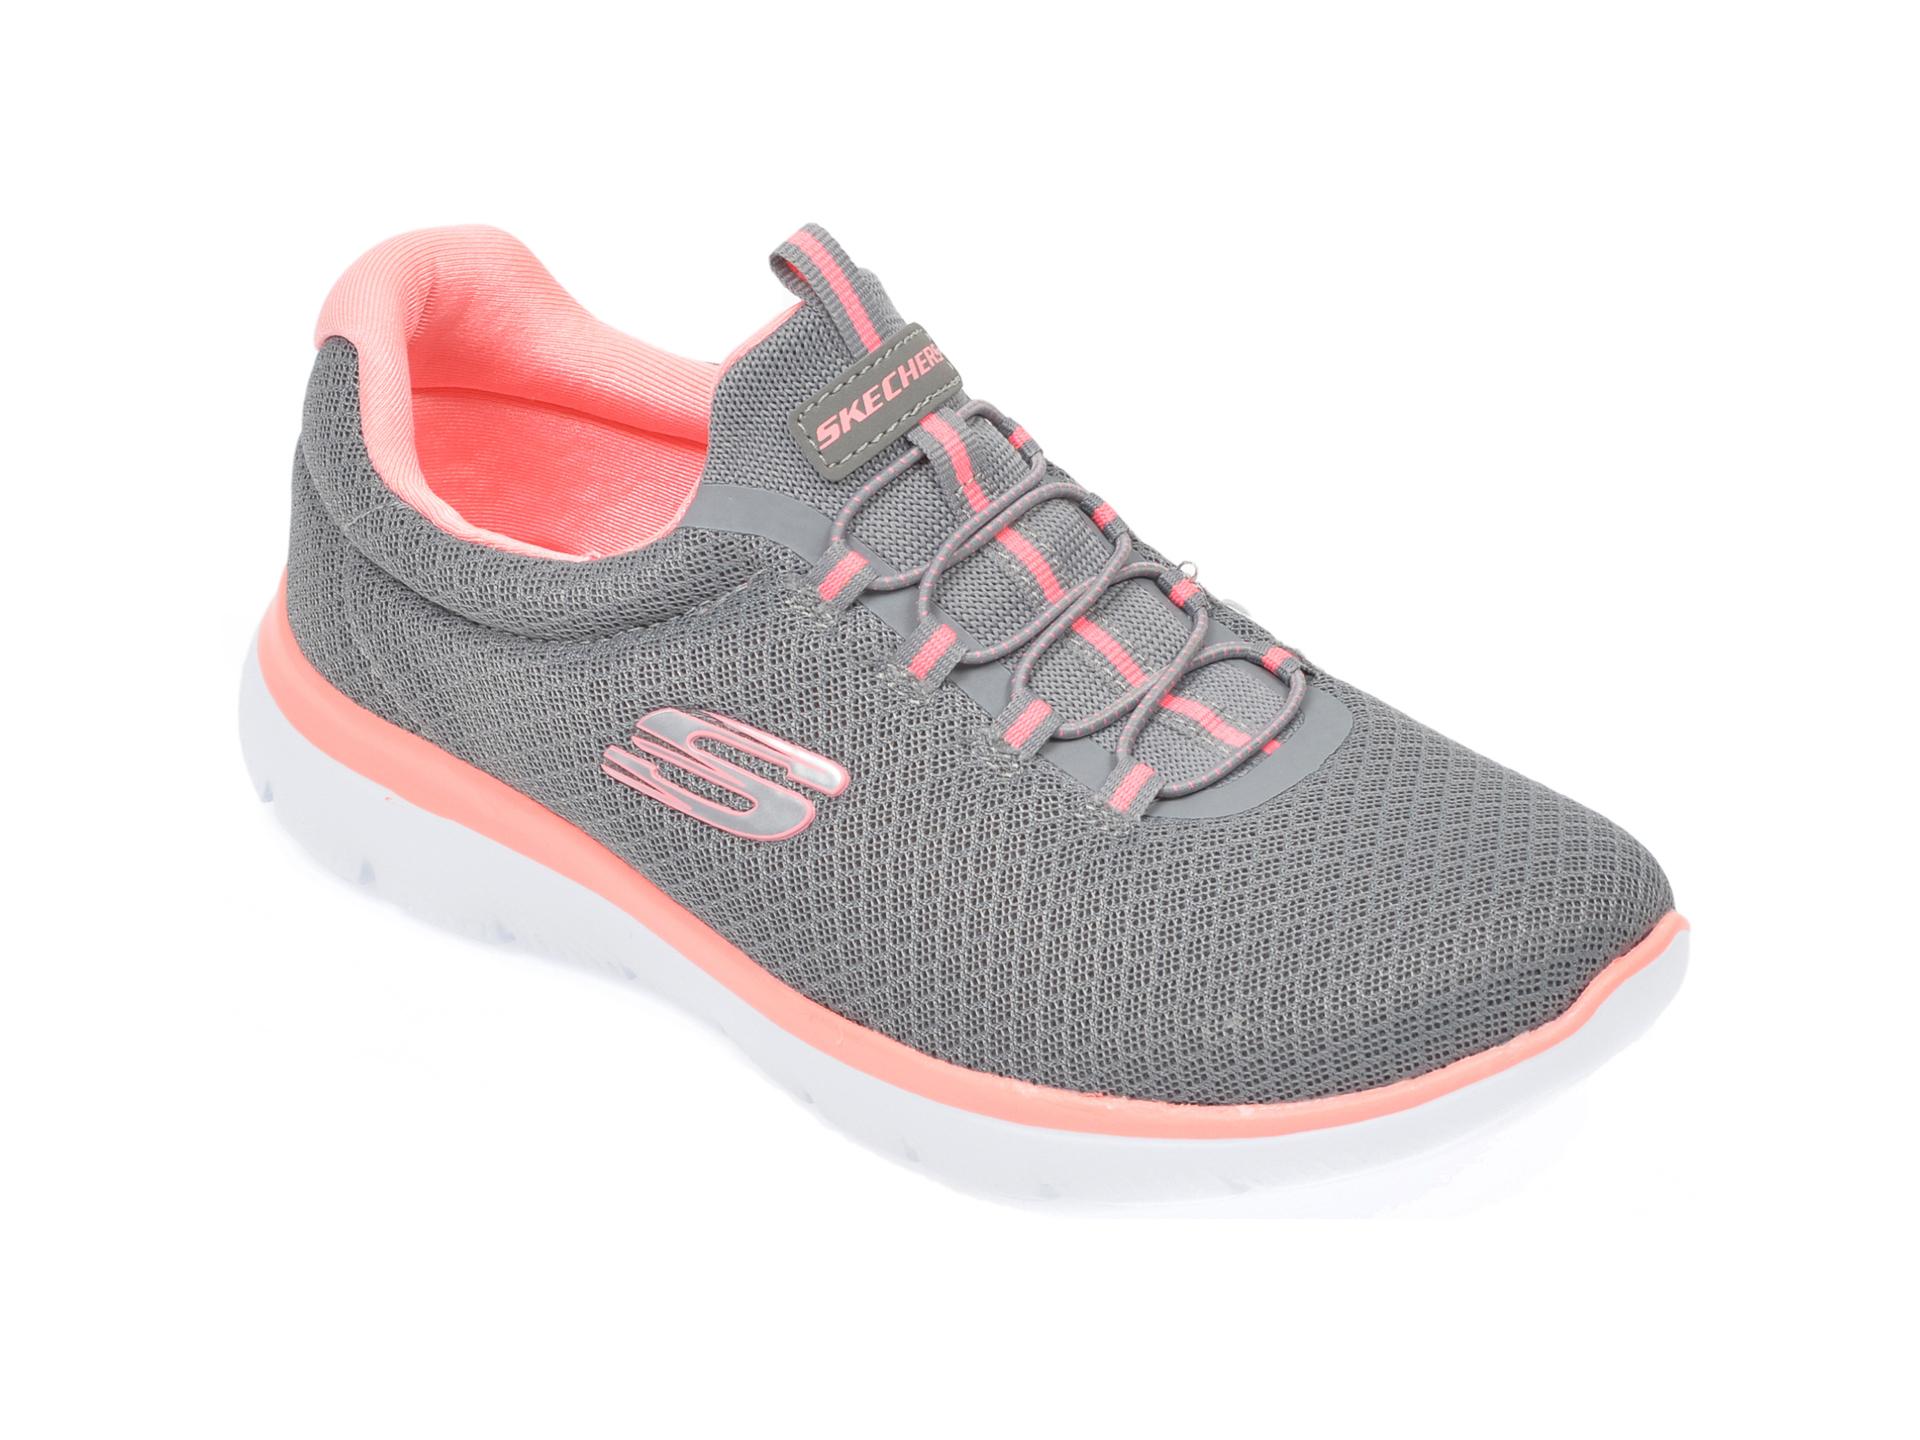 Pantofi sport SKECHERS gri, Summits, din material textil New